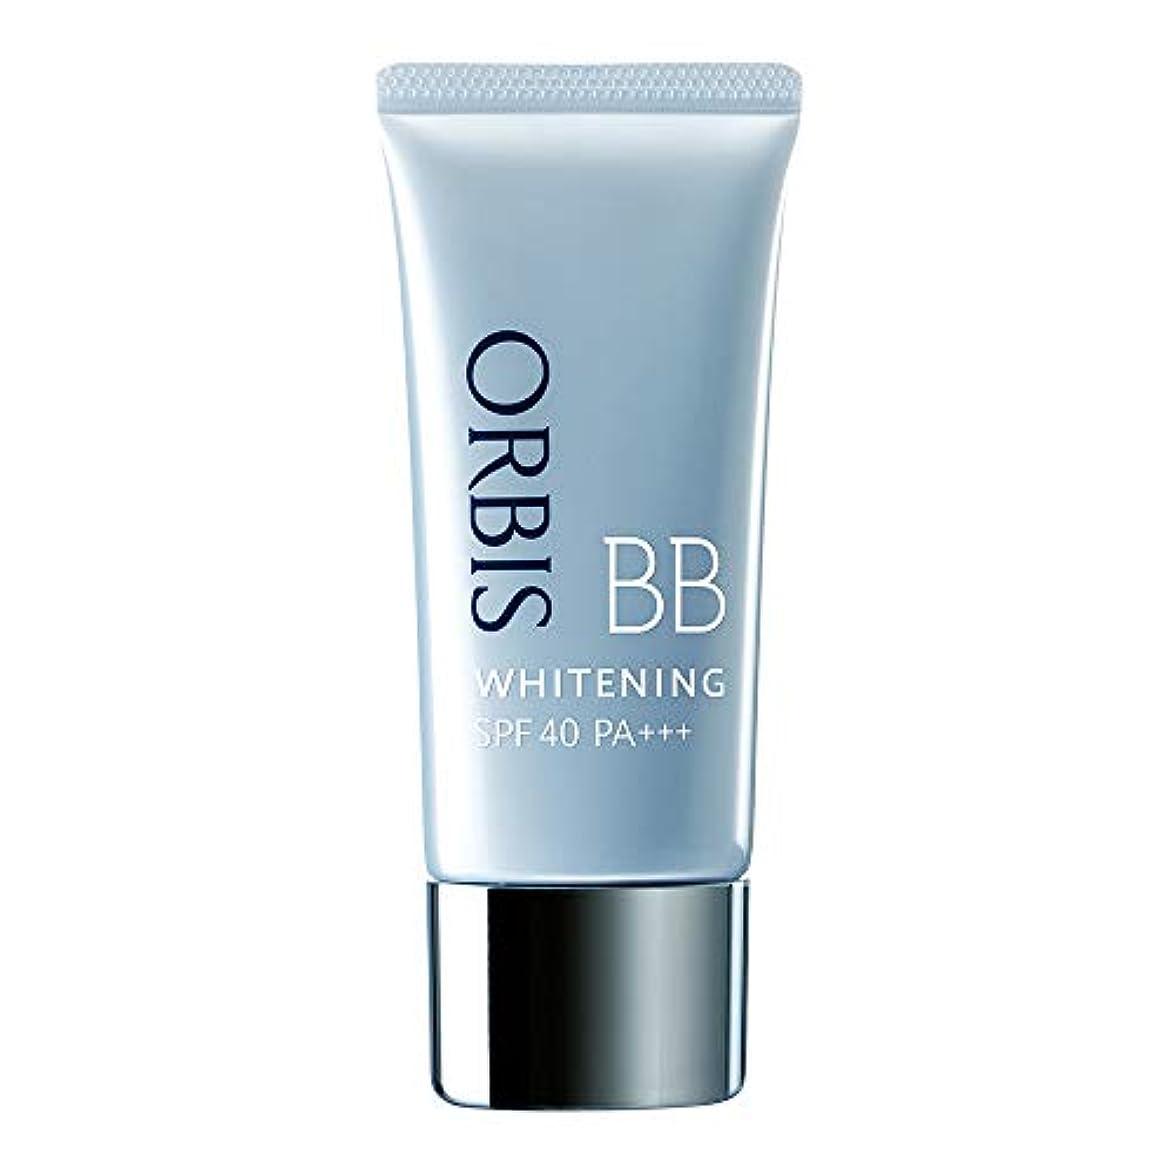 ビュッフェ効能ある試すオルビス(ORBIS) ホワイトニングBB(パフなし)ライト 35g SPF40/PA+++ ◎薬用美白BBクリーム◎ [医薬部外品]